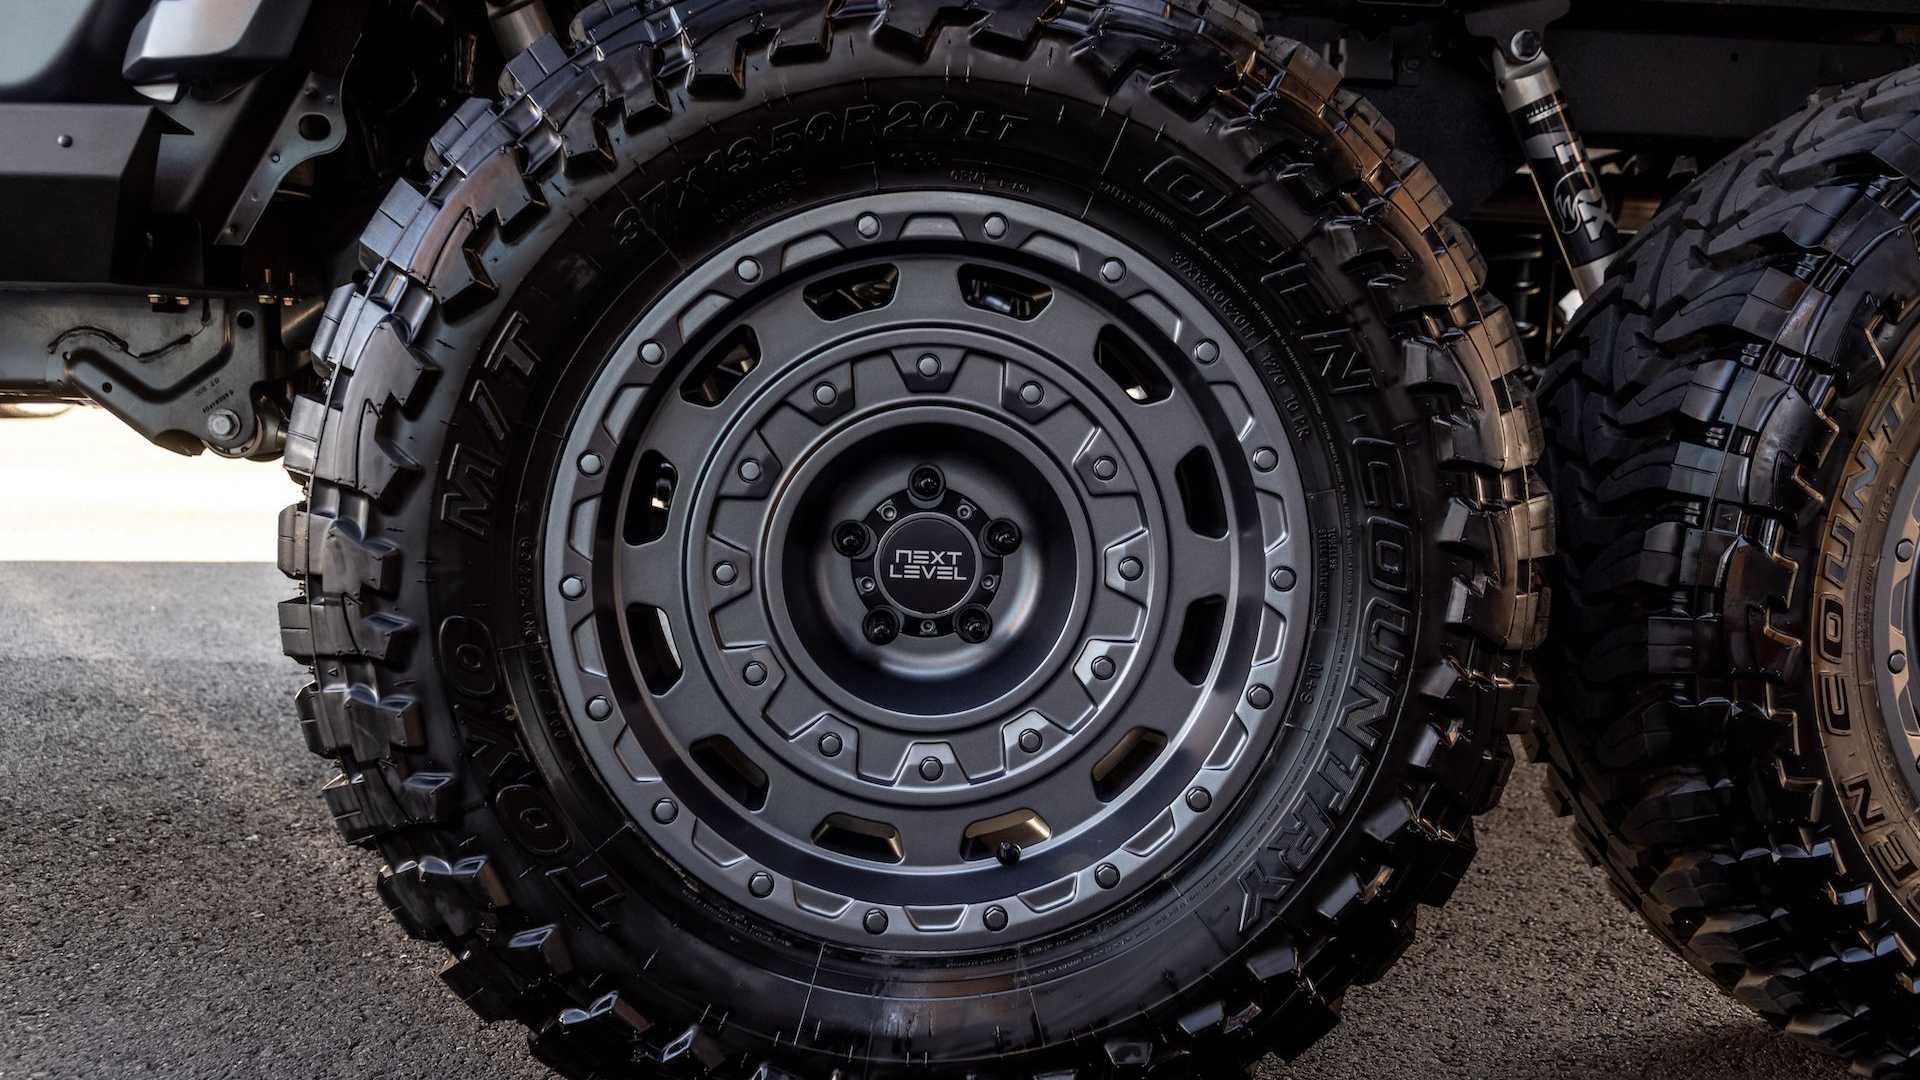 Jeep-Gladiator-6x6-by-Next-Level-34